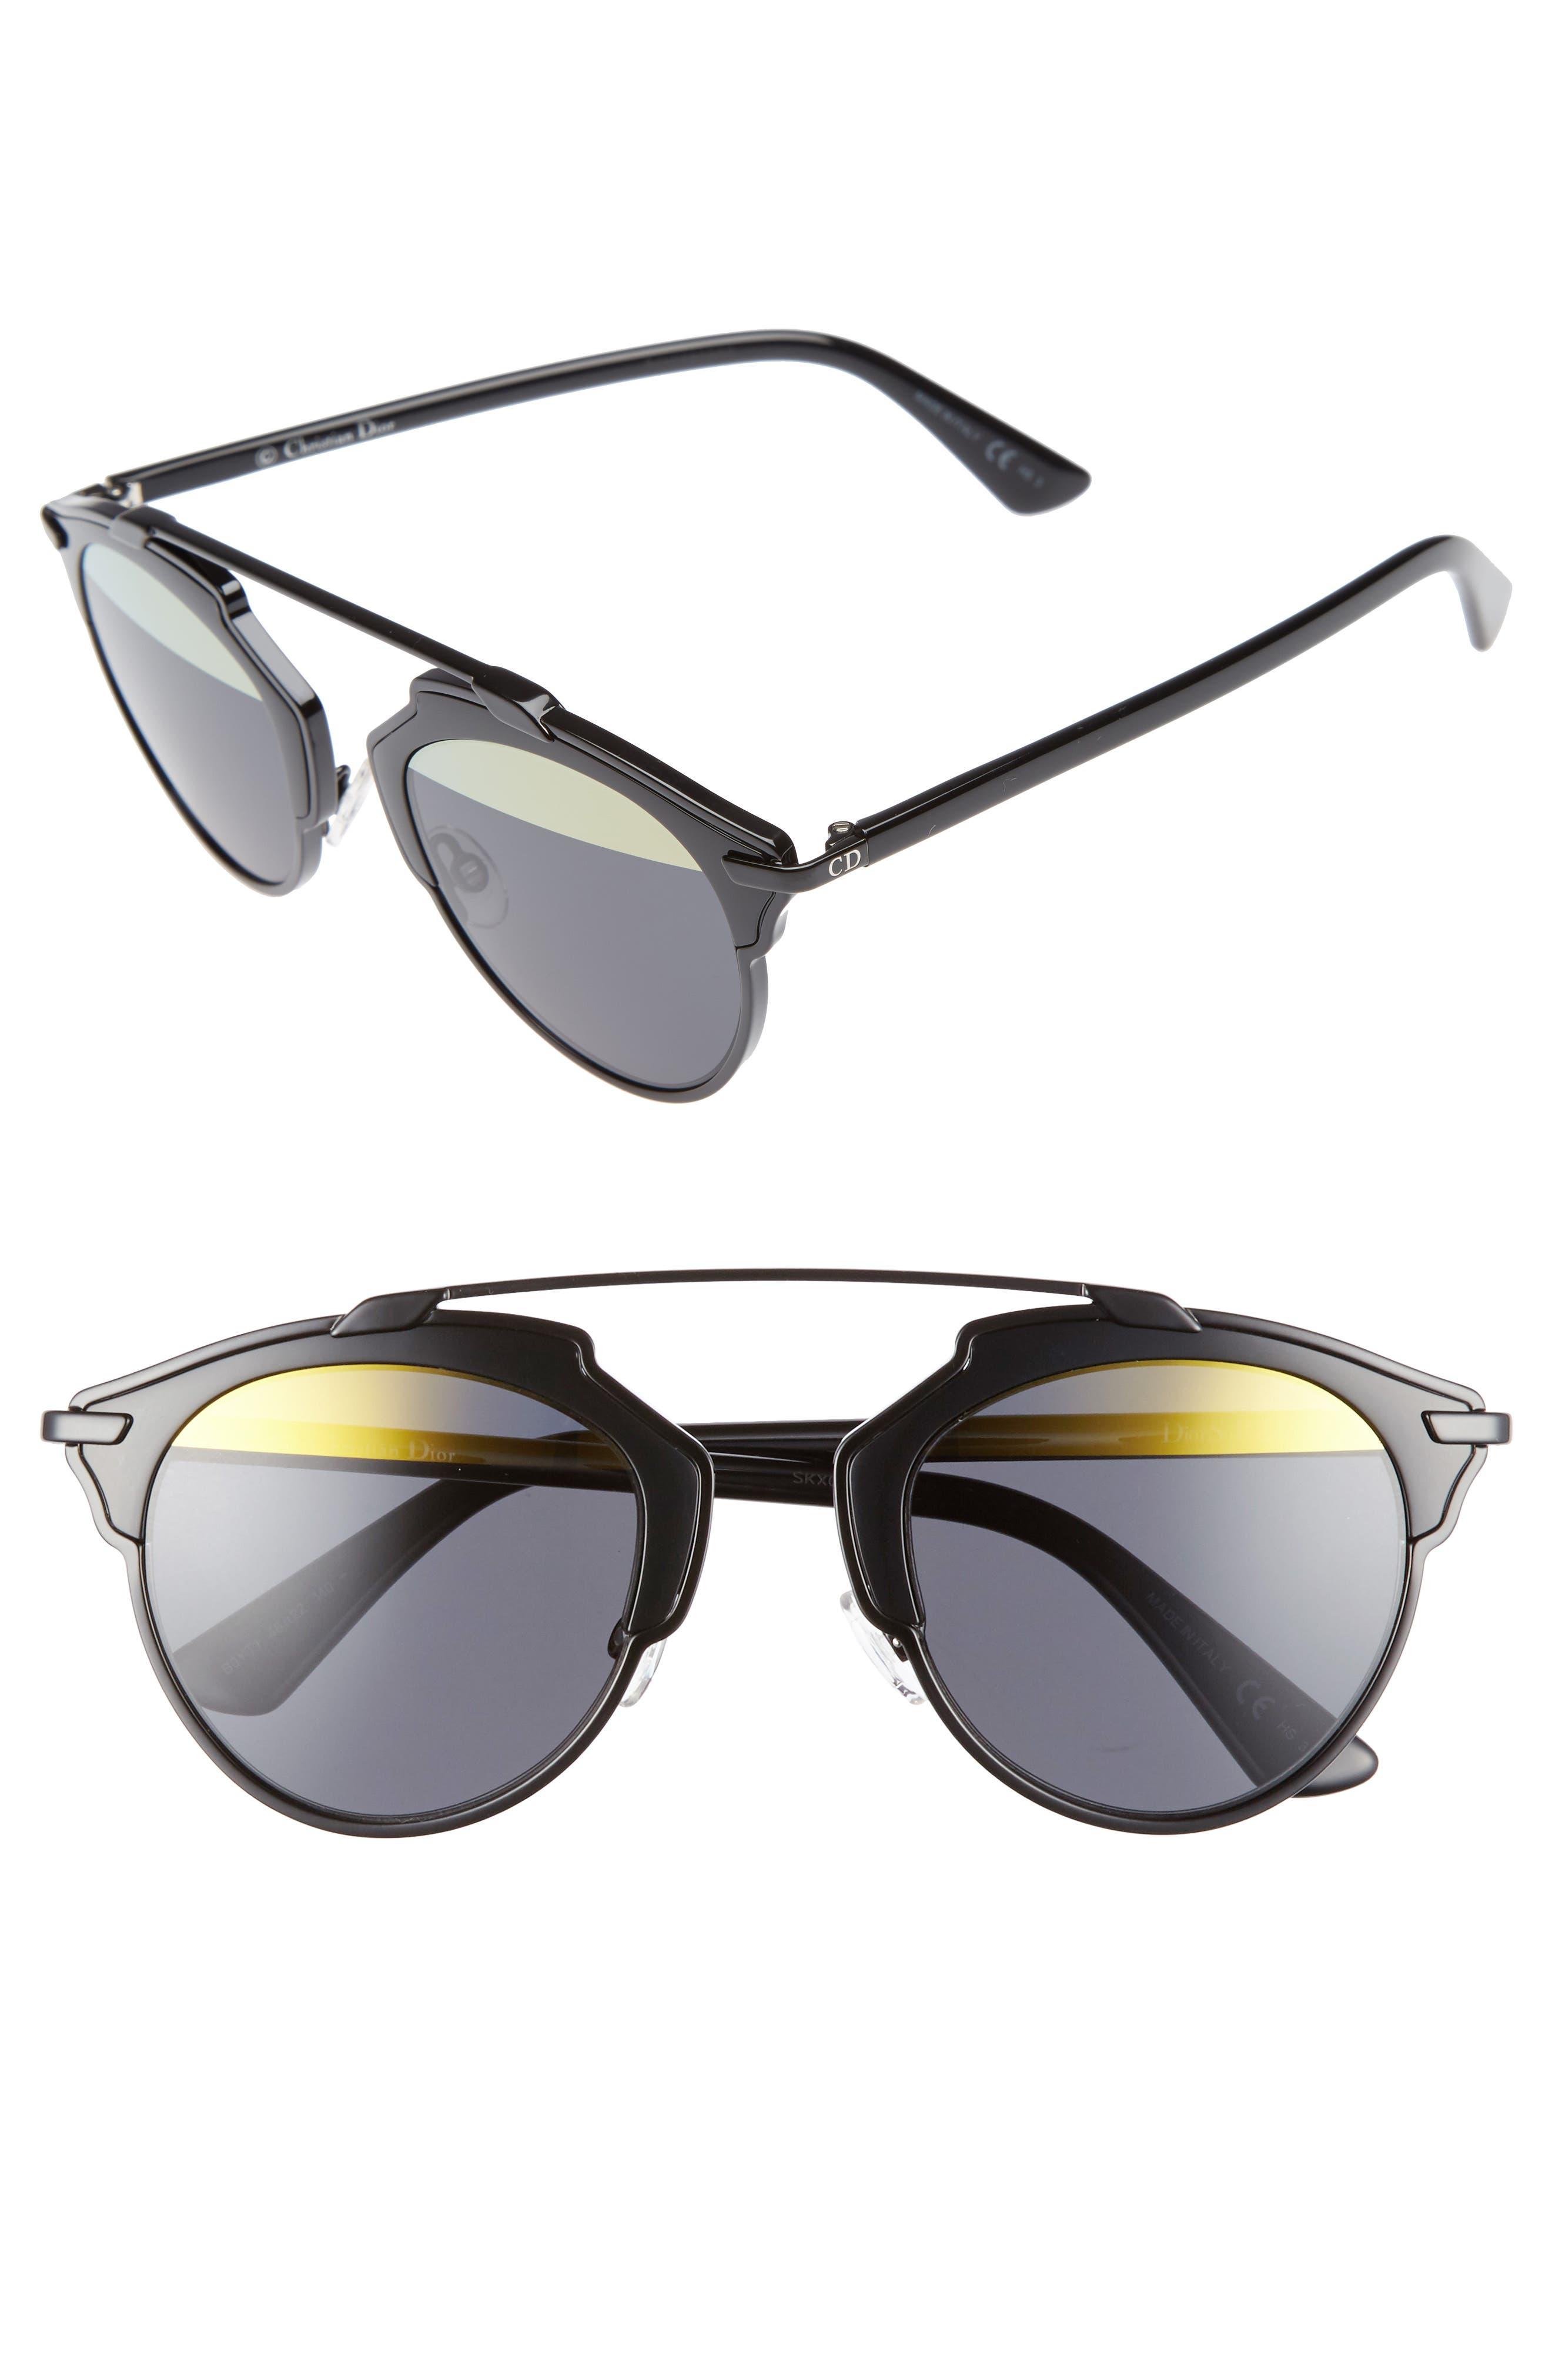 So Real 48mm Brow Bar Sunglasses,                             Main thumbnail 7, color,